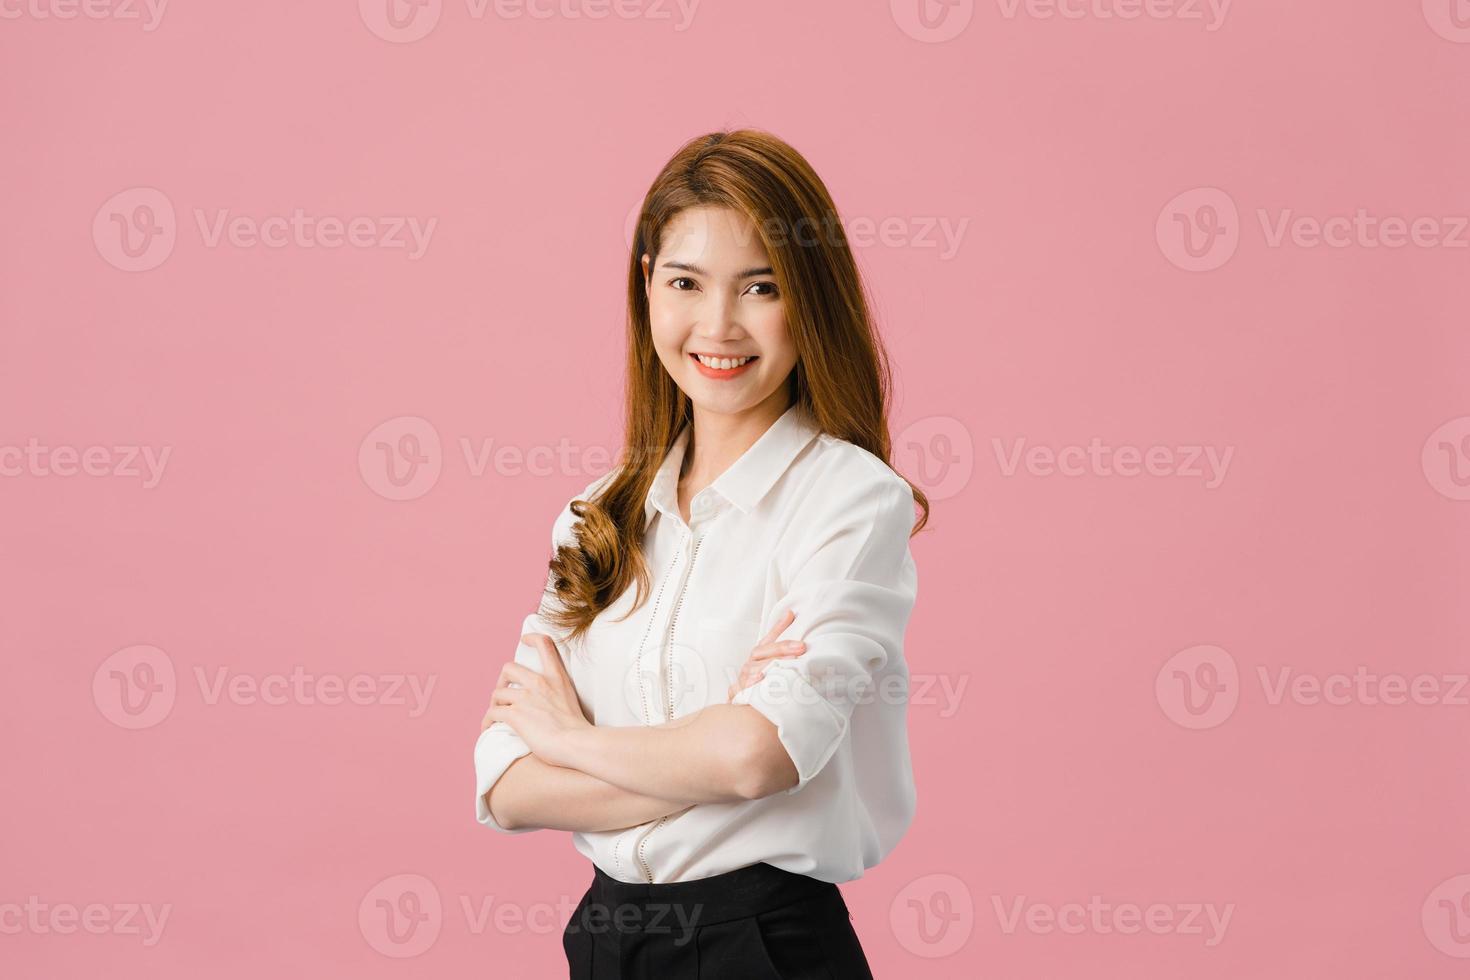 Porträt einer jungen asiatischen Dame mit positivem Ausdruck, verschränkten Armen, breitem Lächeln, in Freizeitkleidung gekleidet und mit Blick auf die Kamera über rosafarbenem Hintergrund. glückliche entzückende frohe frau freut sich über erfolg. foto